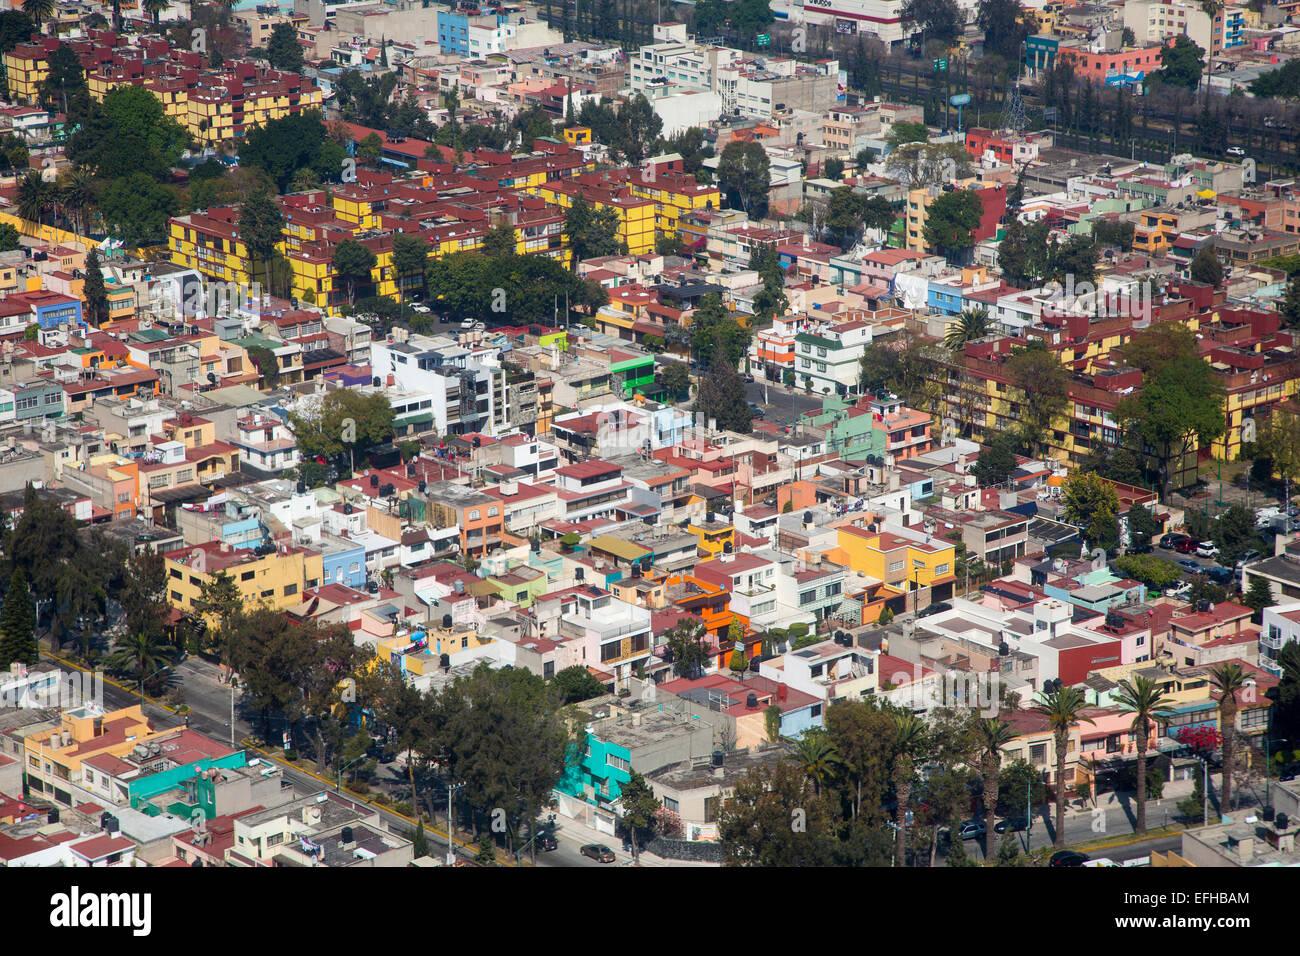 La ville de Mexico, Mexique - des logements dans la ville de Mexico. Photo Stock